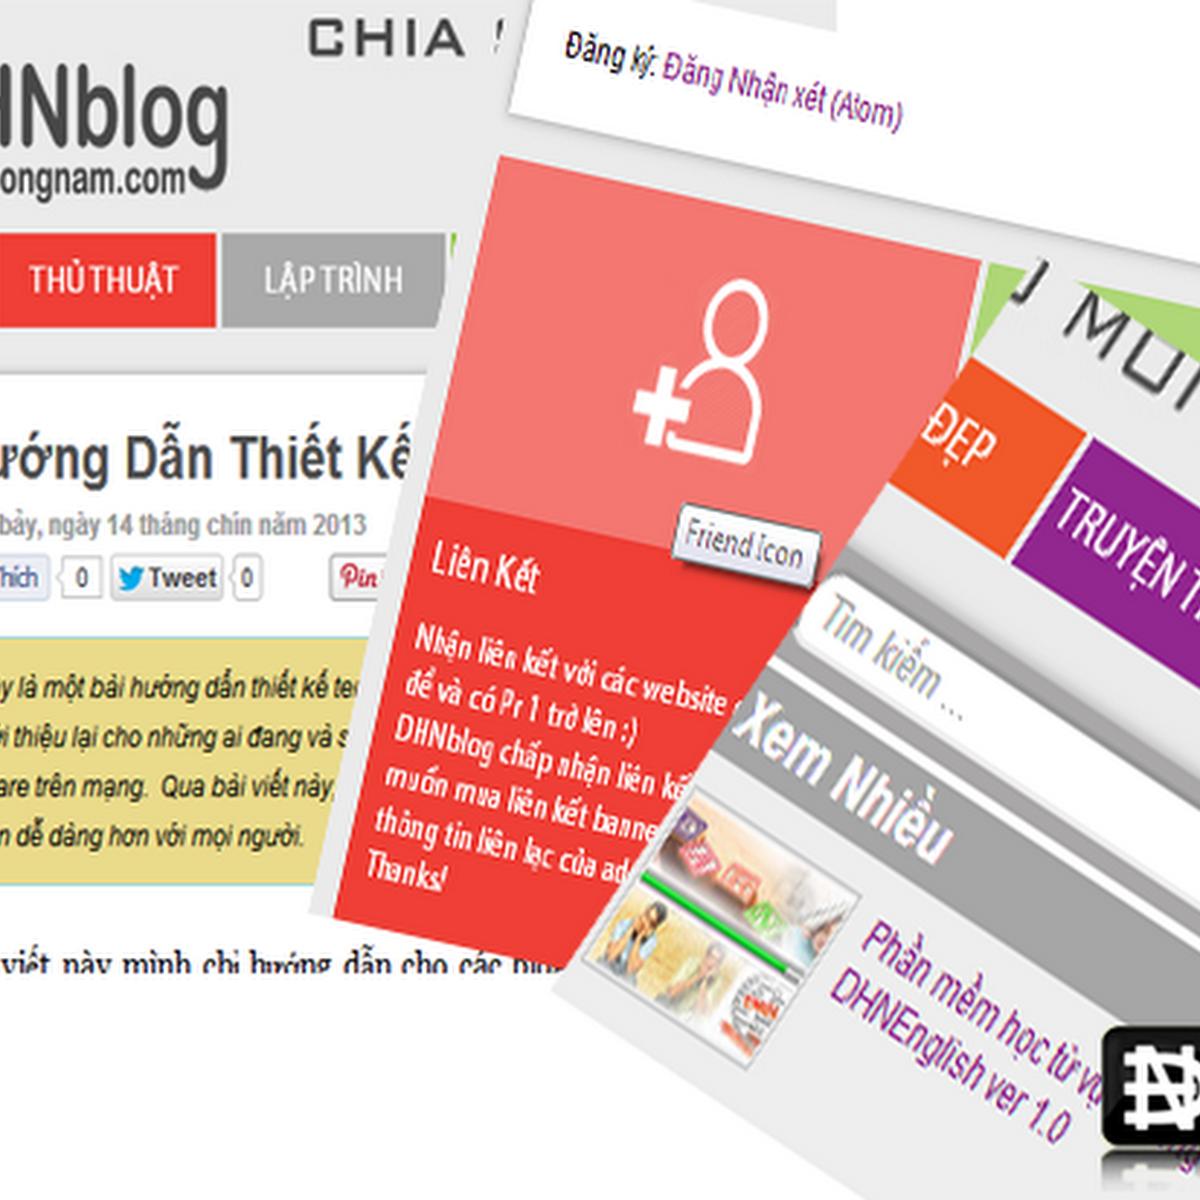 Hướng Dẫn Thiết Kế Template Blogger